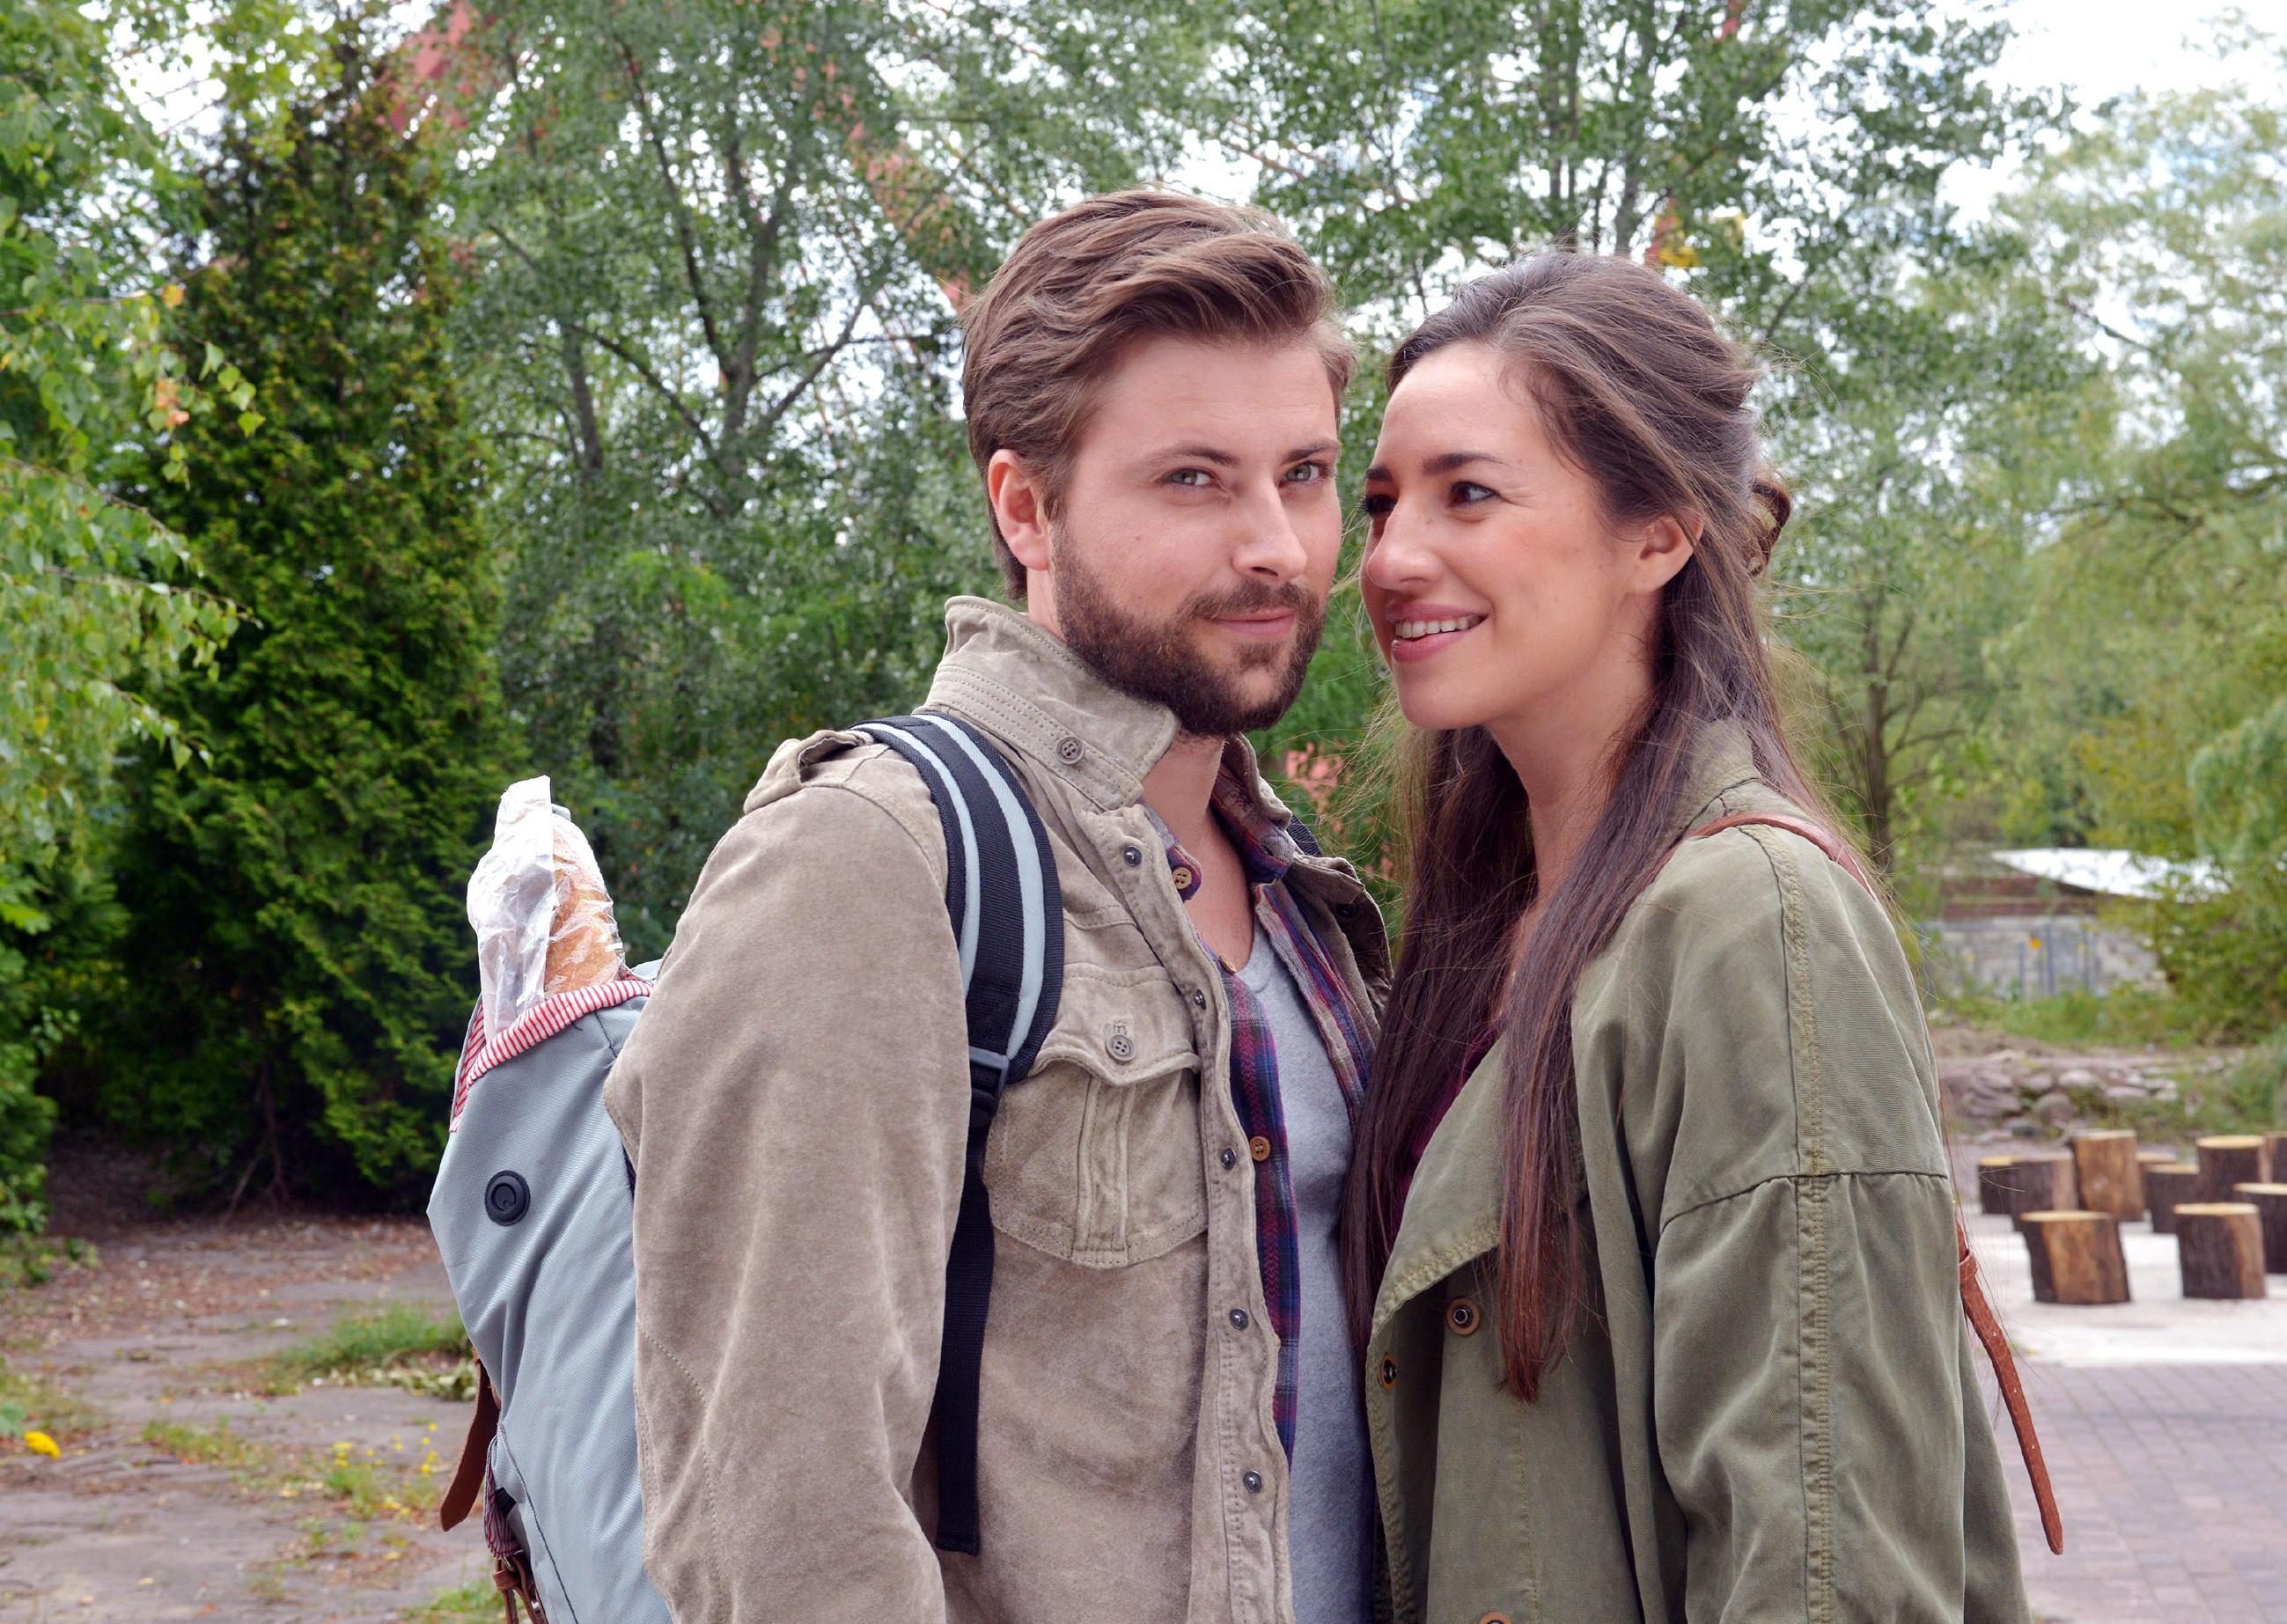 Ein romantischer Ausflug an einen See schweißt John (Felix von Jascheroff) und Elena (Elena Garcia Gerlach) noch enger zusammen. (Quelle: © RTL / Rolf Baumgartner)